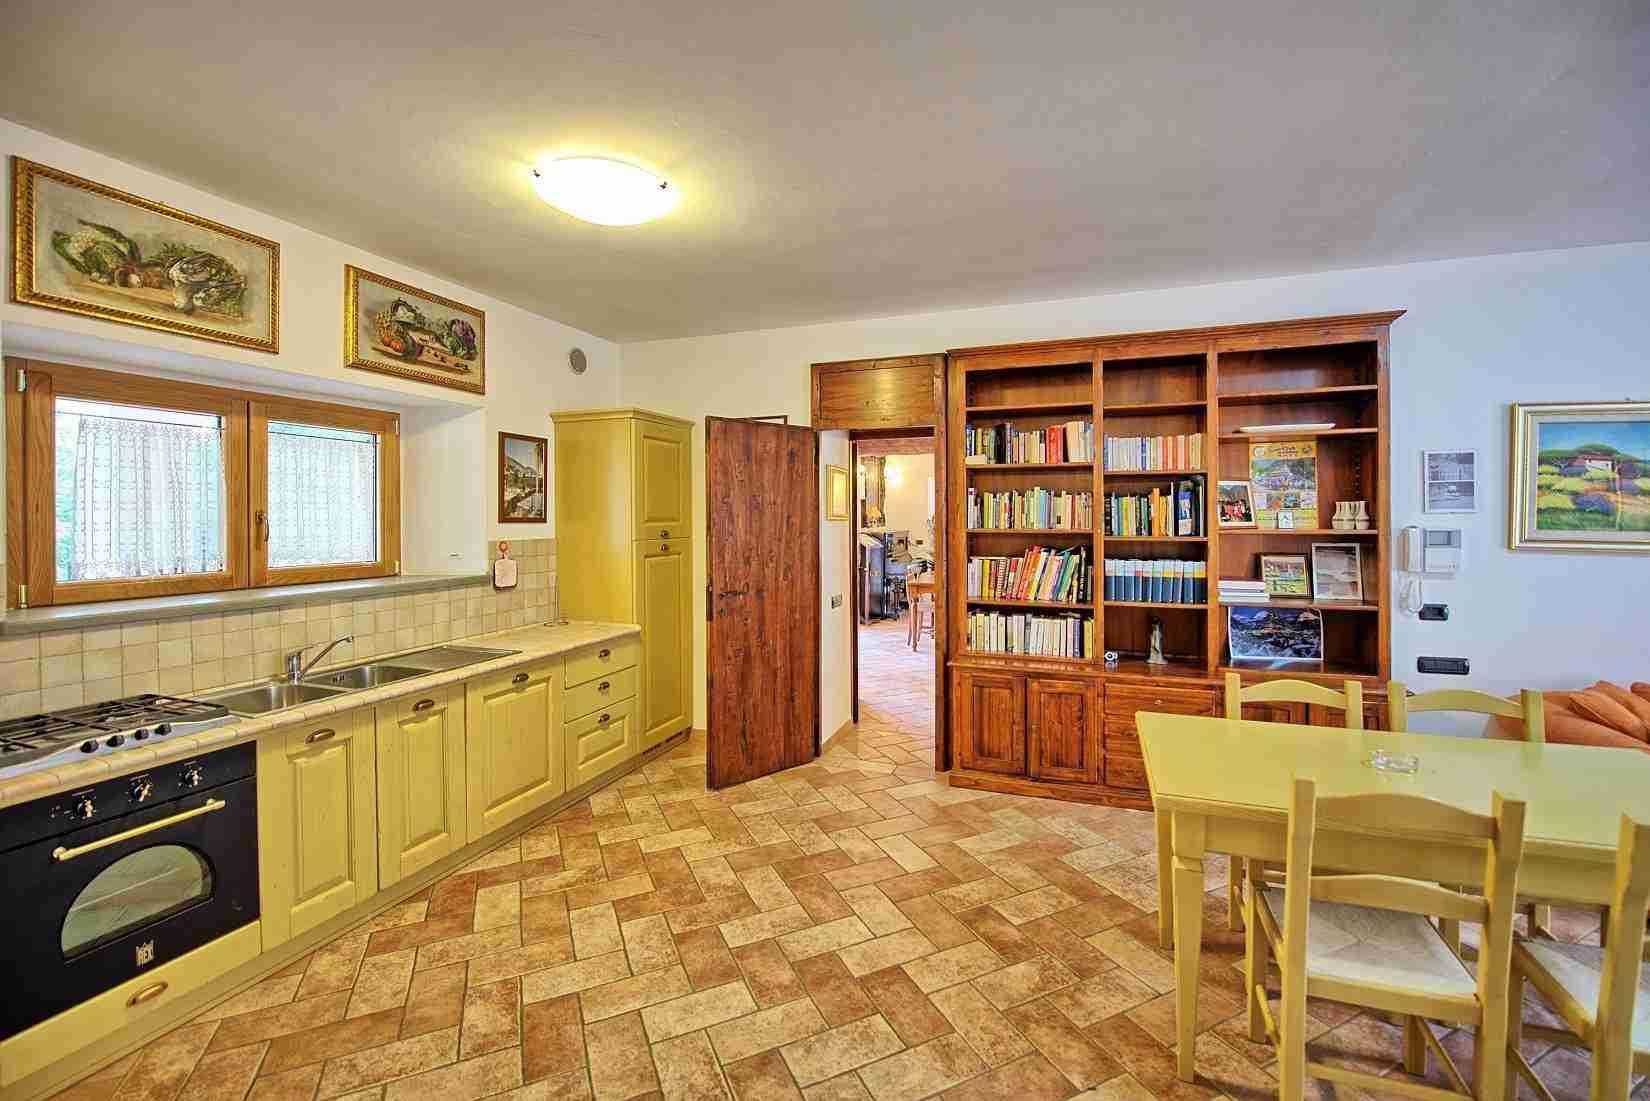 30 Etruria kitchen